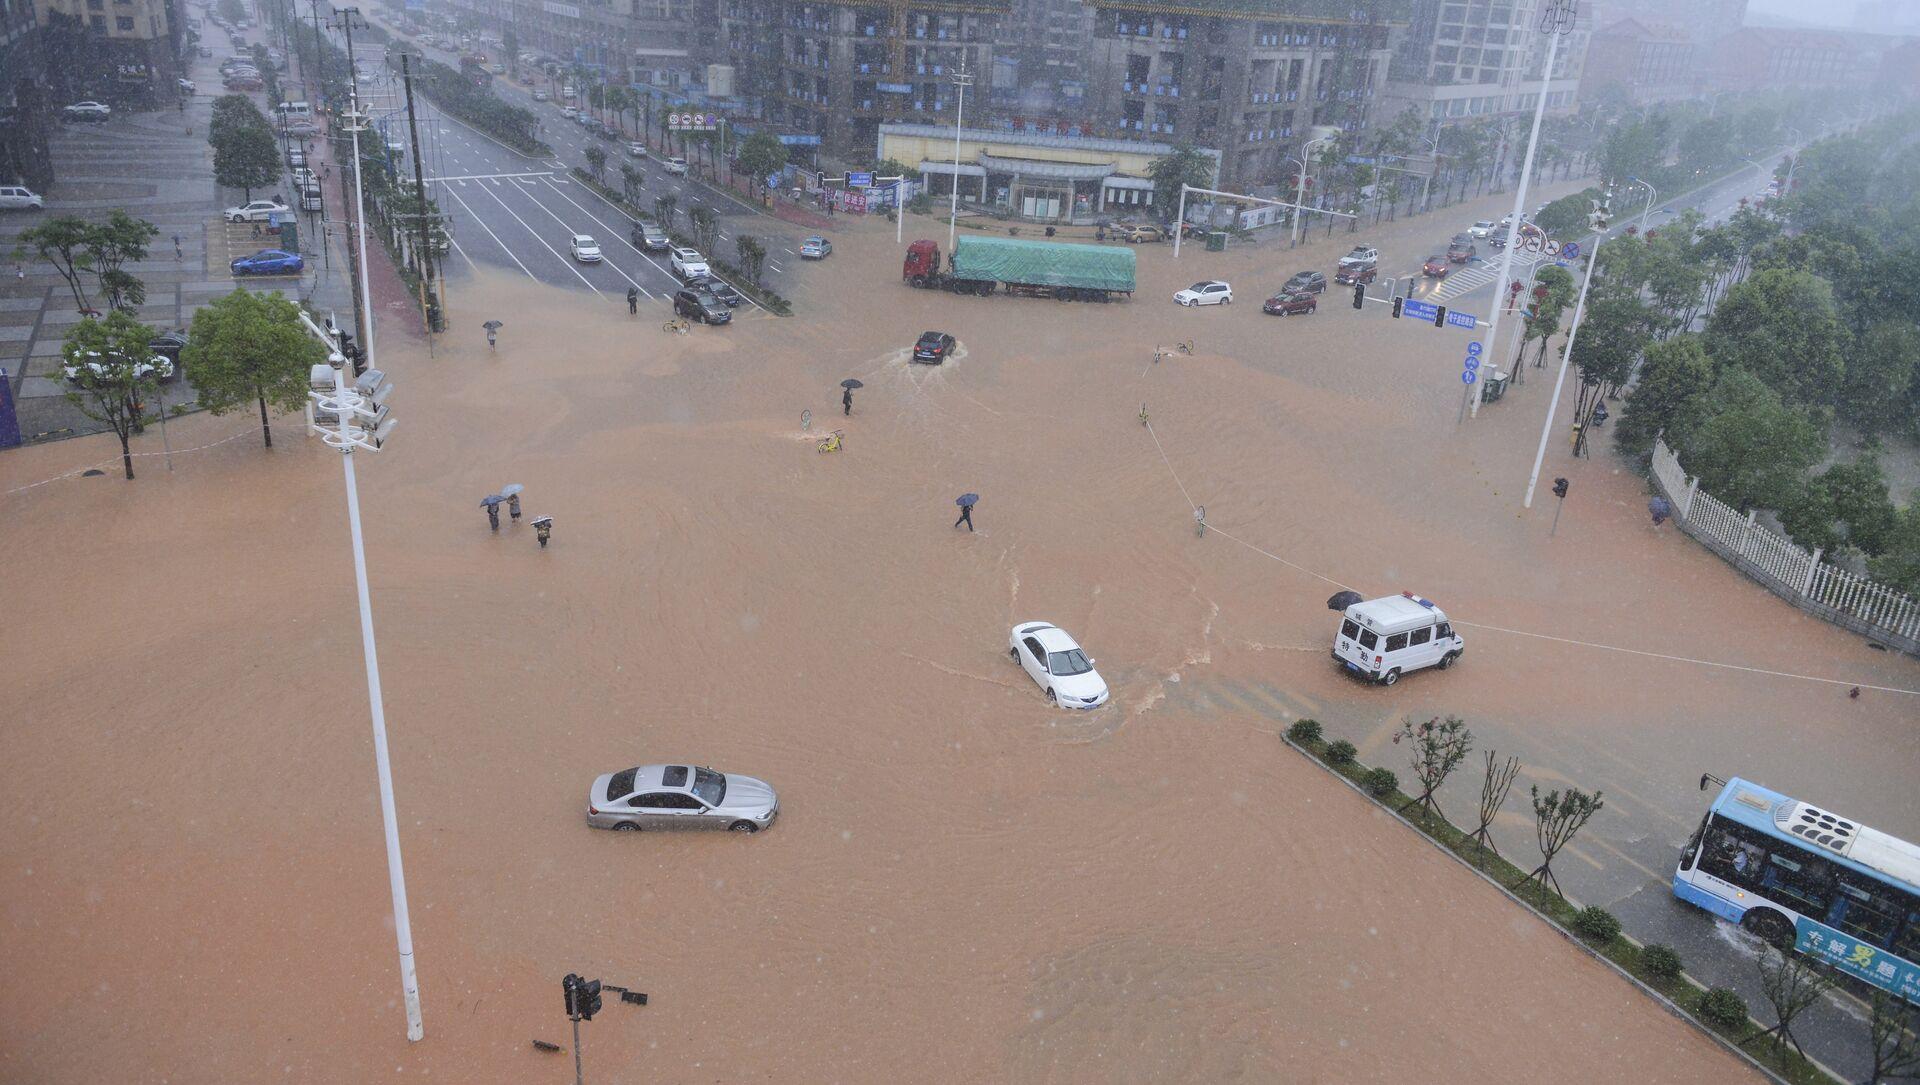 Inondation dans la province du Hunan, dans le sud-est de la Chine - Sputnik France, 1920, 09.08.2021